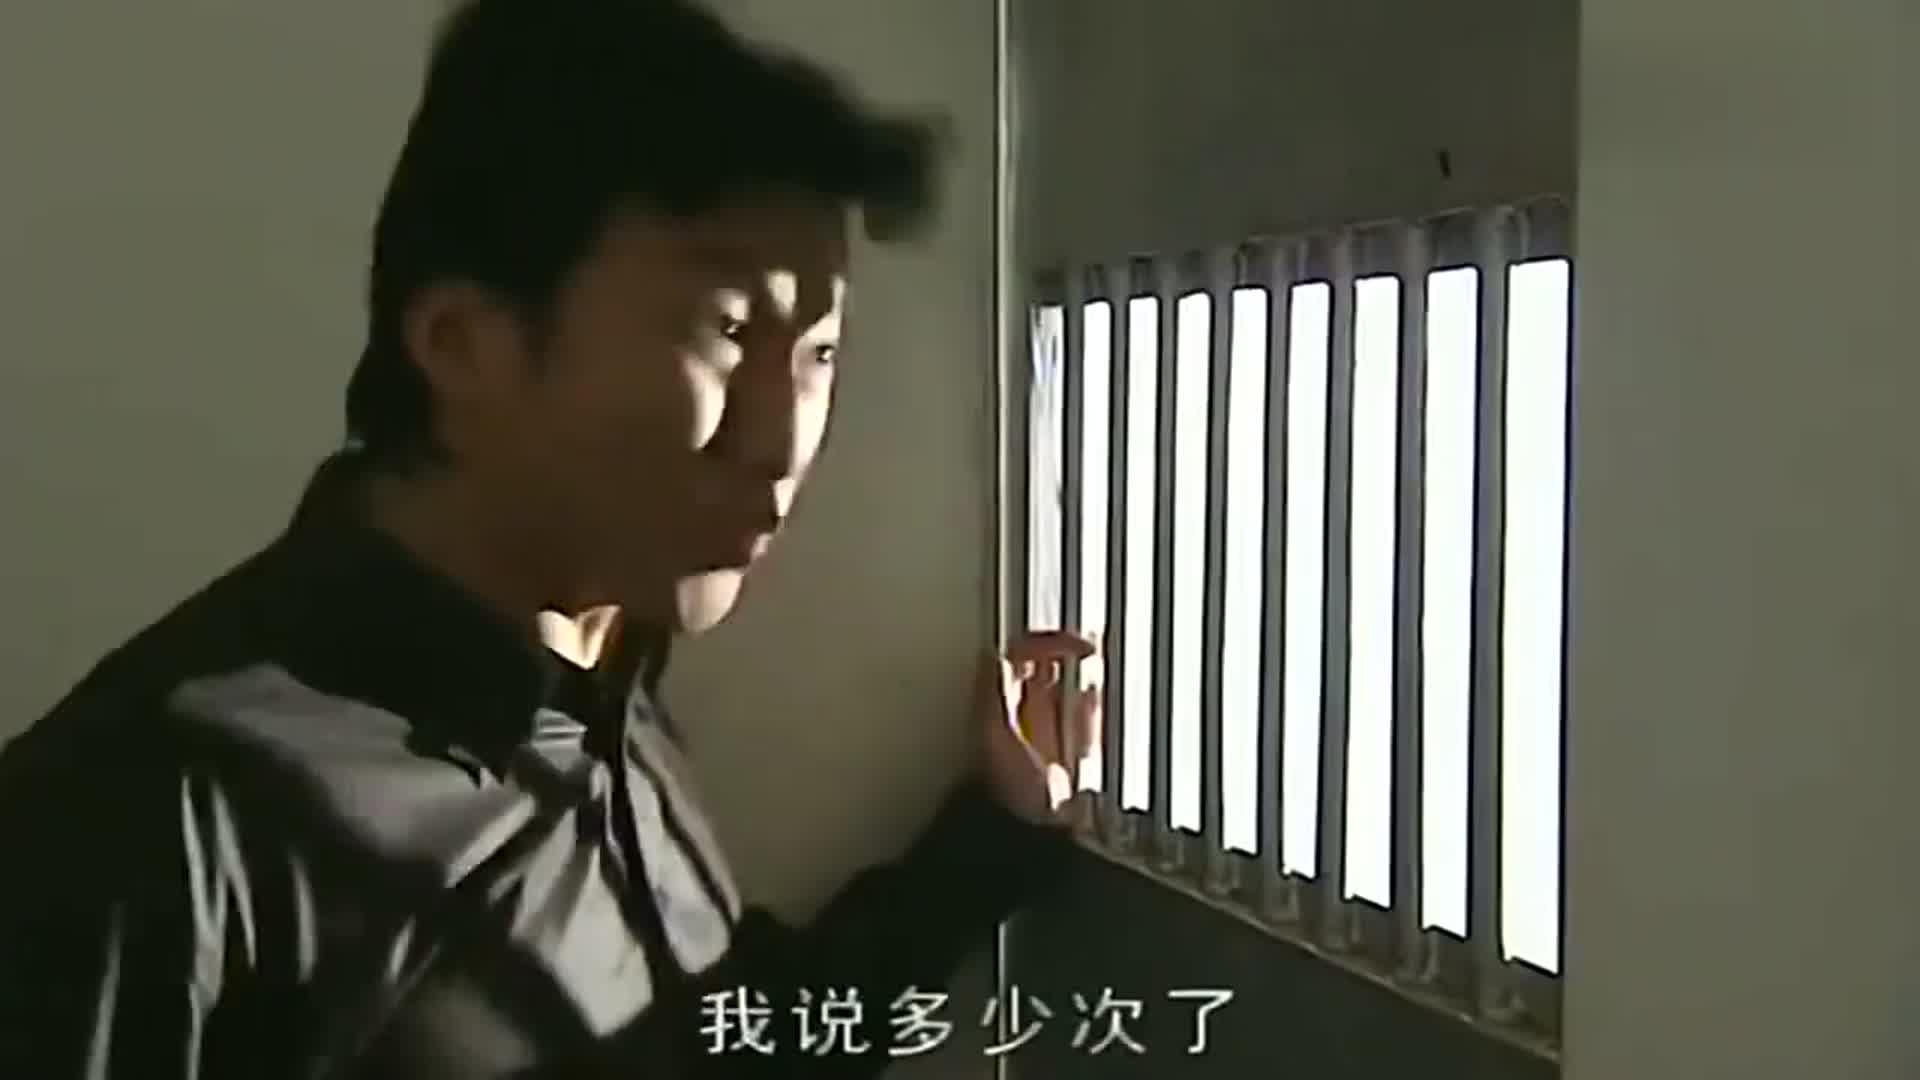 插翅难逃:张世豪蹲监狱蹲到精神崩溃了,竟然在监狱里逗蟑螂玩